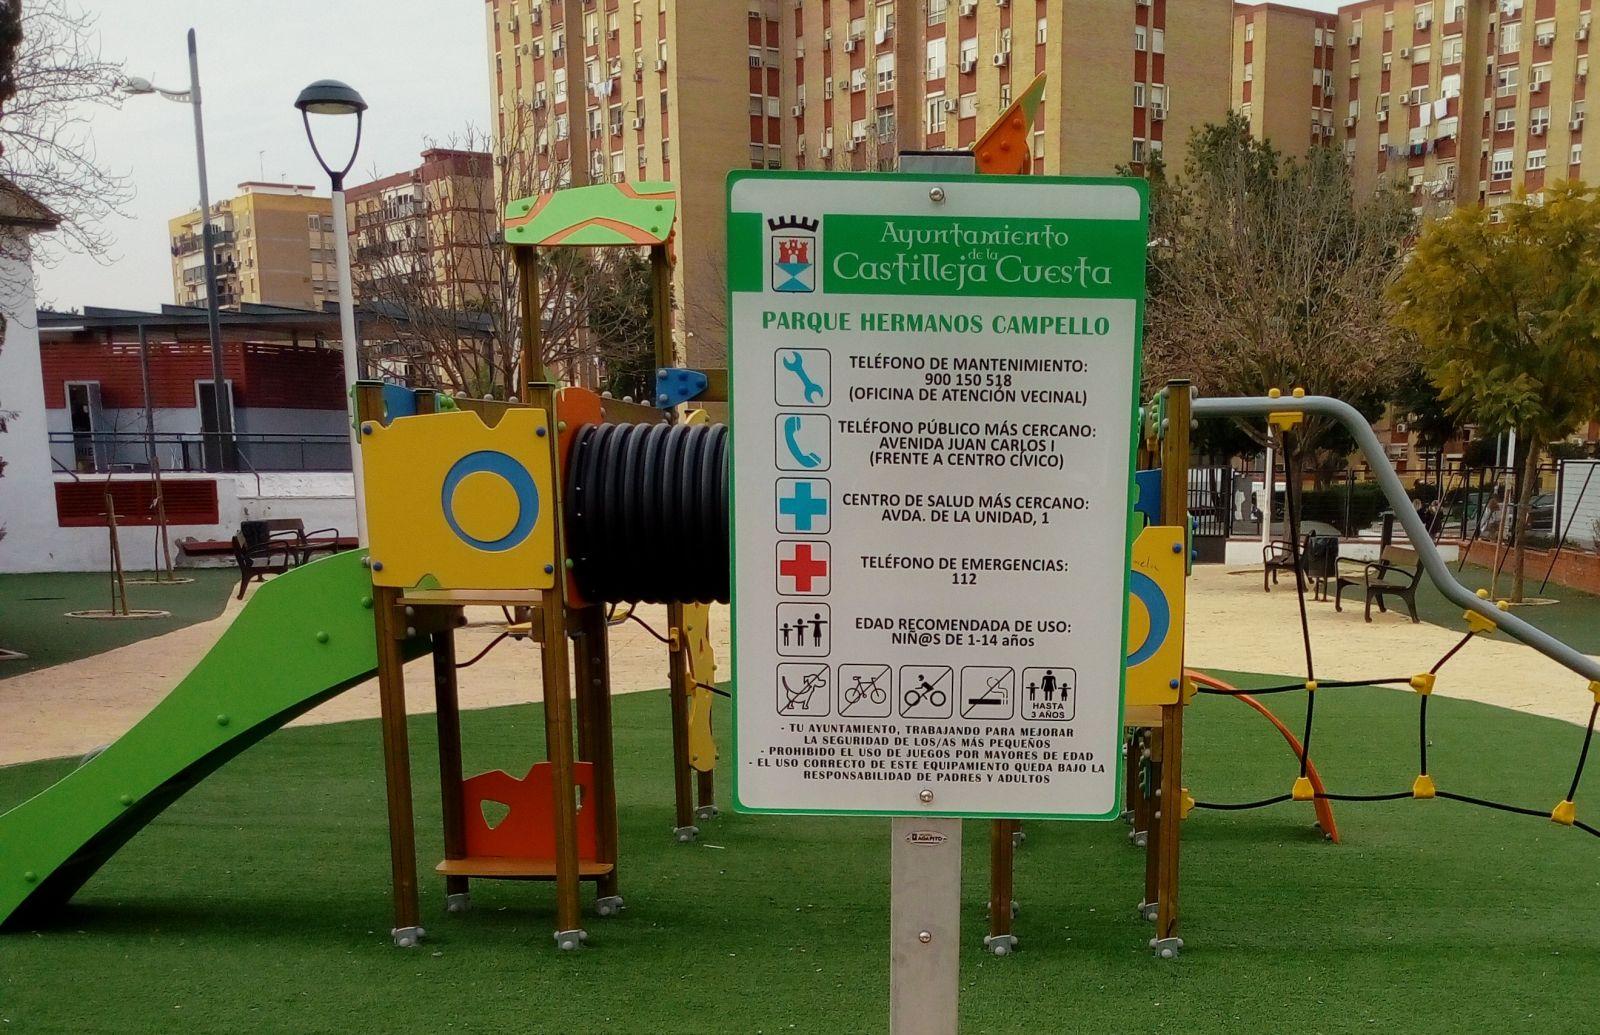 cartel-andalucia-parques-exterior-publicos-decreto-andaluz